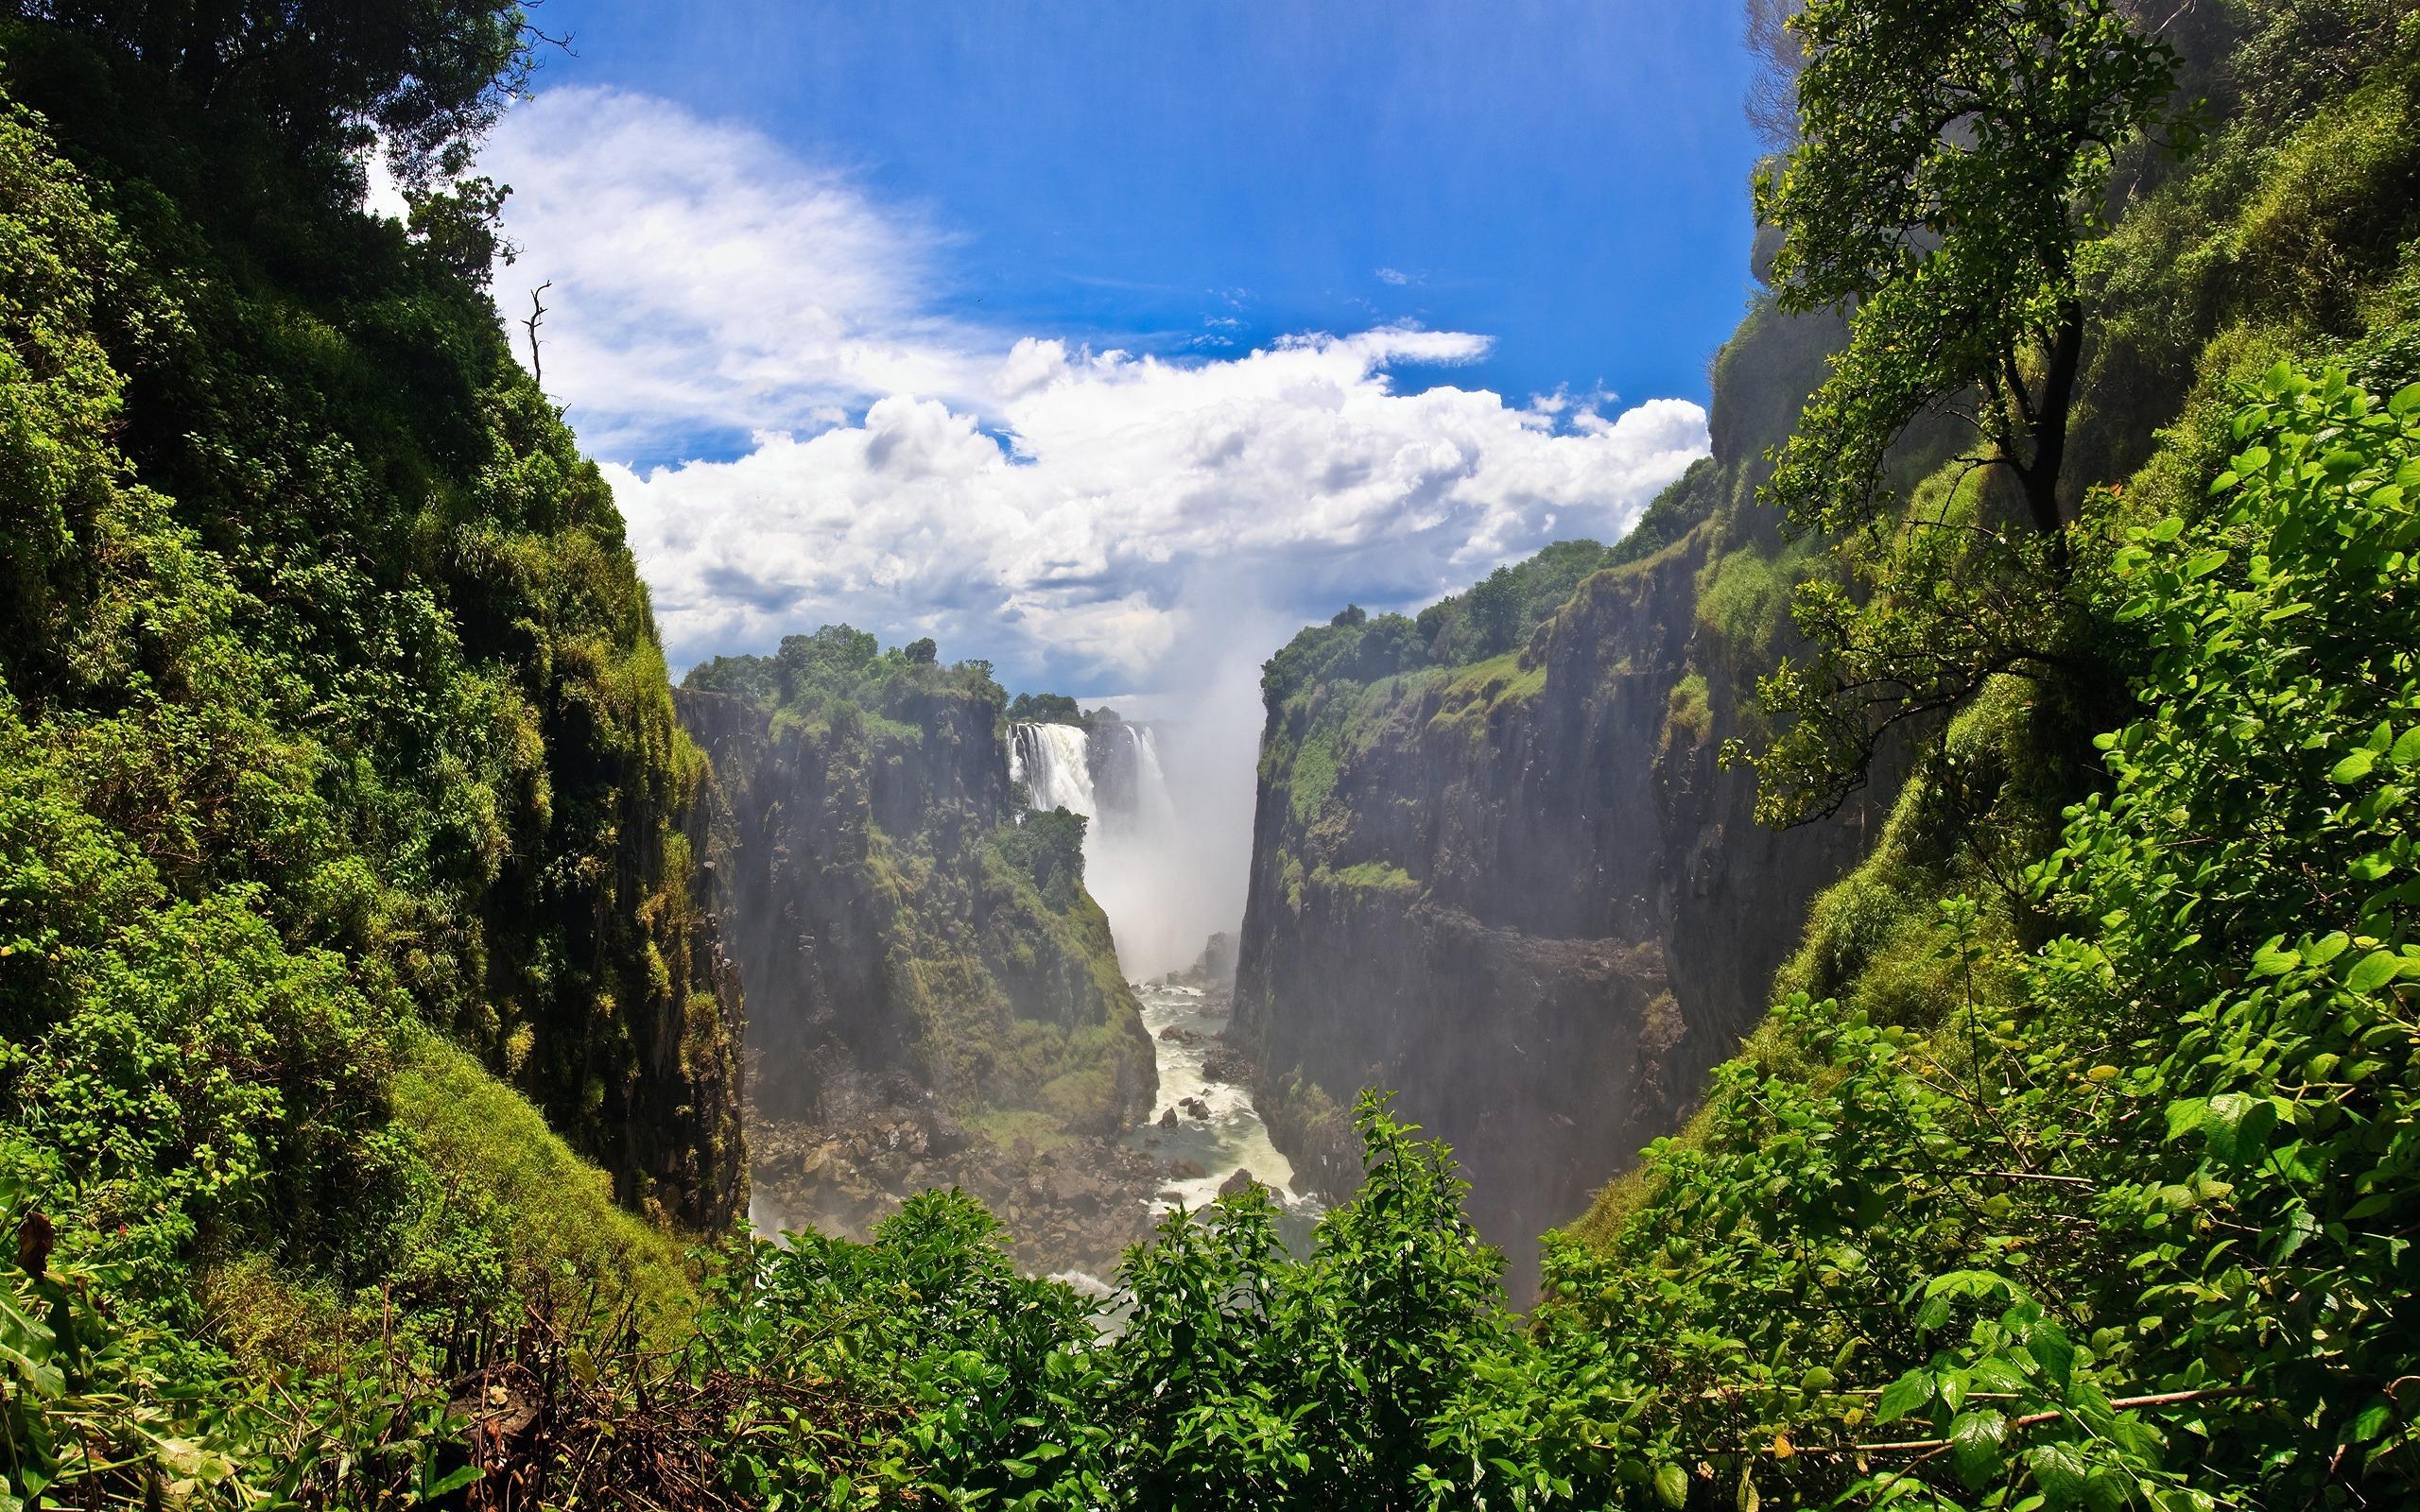 водопад горы  № 2560942 бесплатно